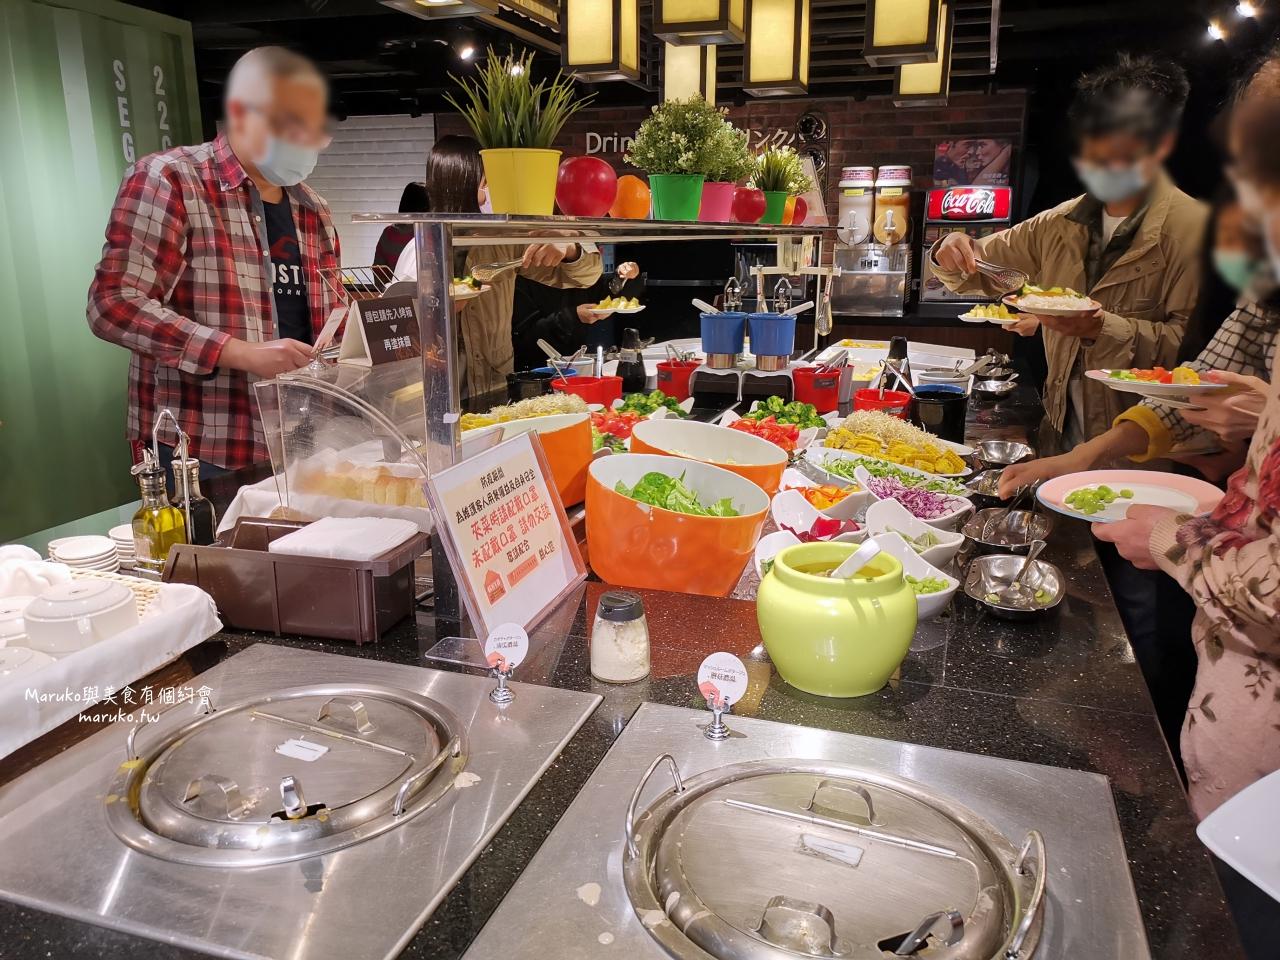 【台北】橫濱牛排 微風南京/20種自助沙拉吧吃到飽200元起/台北小巨蛋站美食 @Maruko與美食有個約會